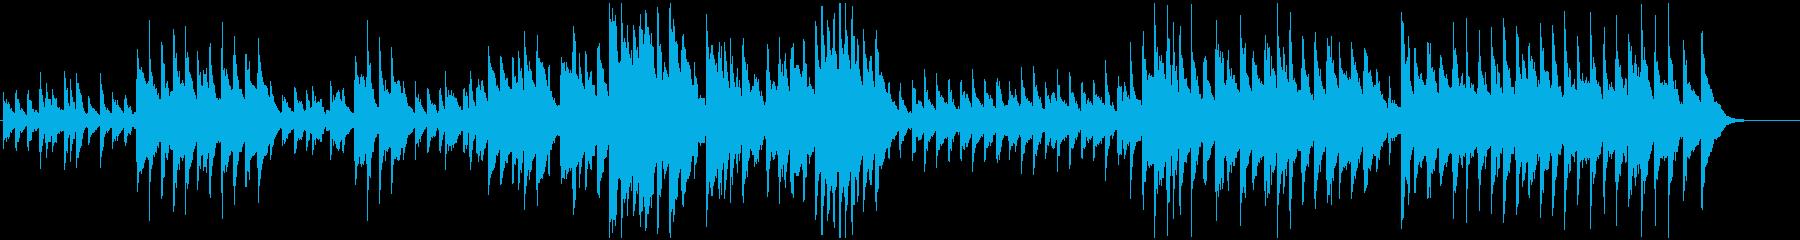 プロムナード(展覧会の絵)ハーピアノの再生済みの波形